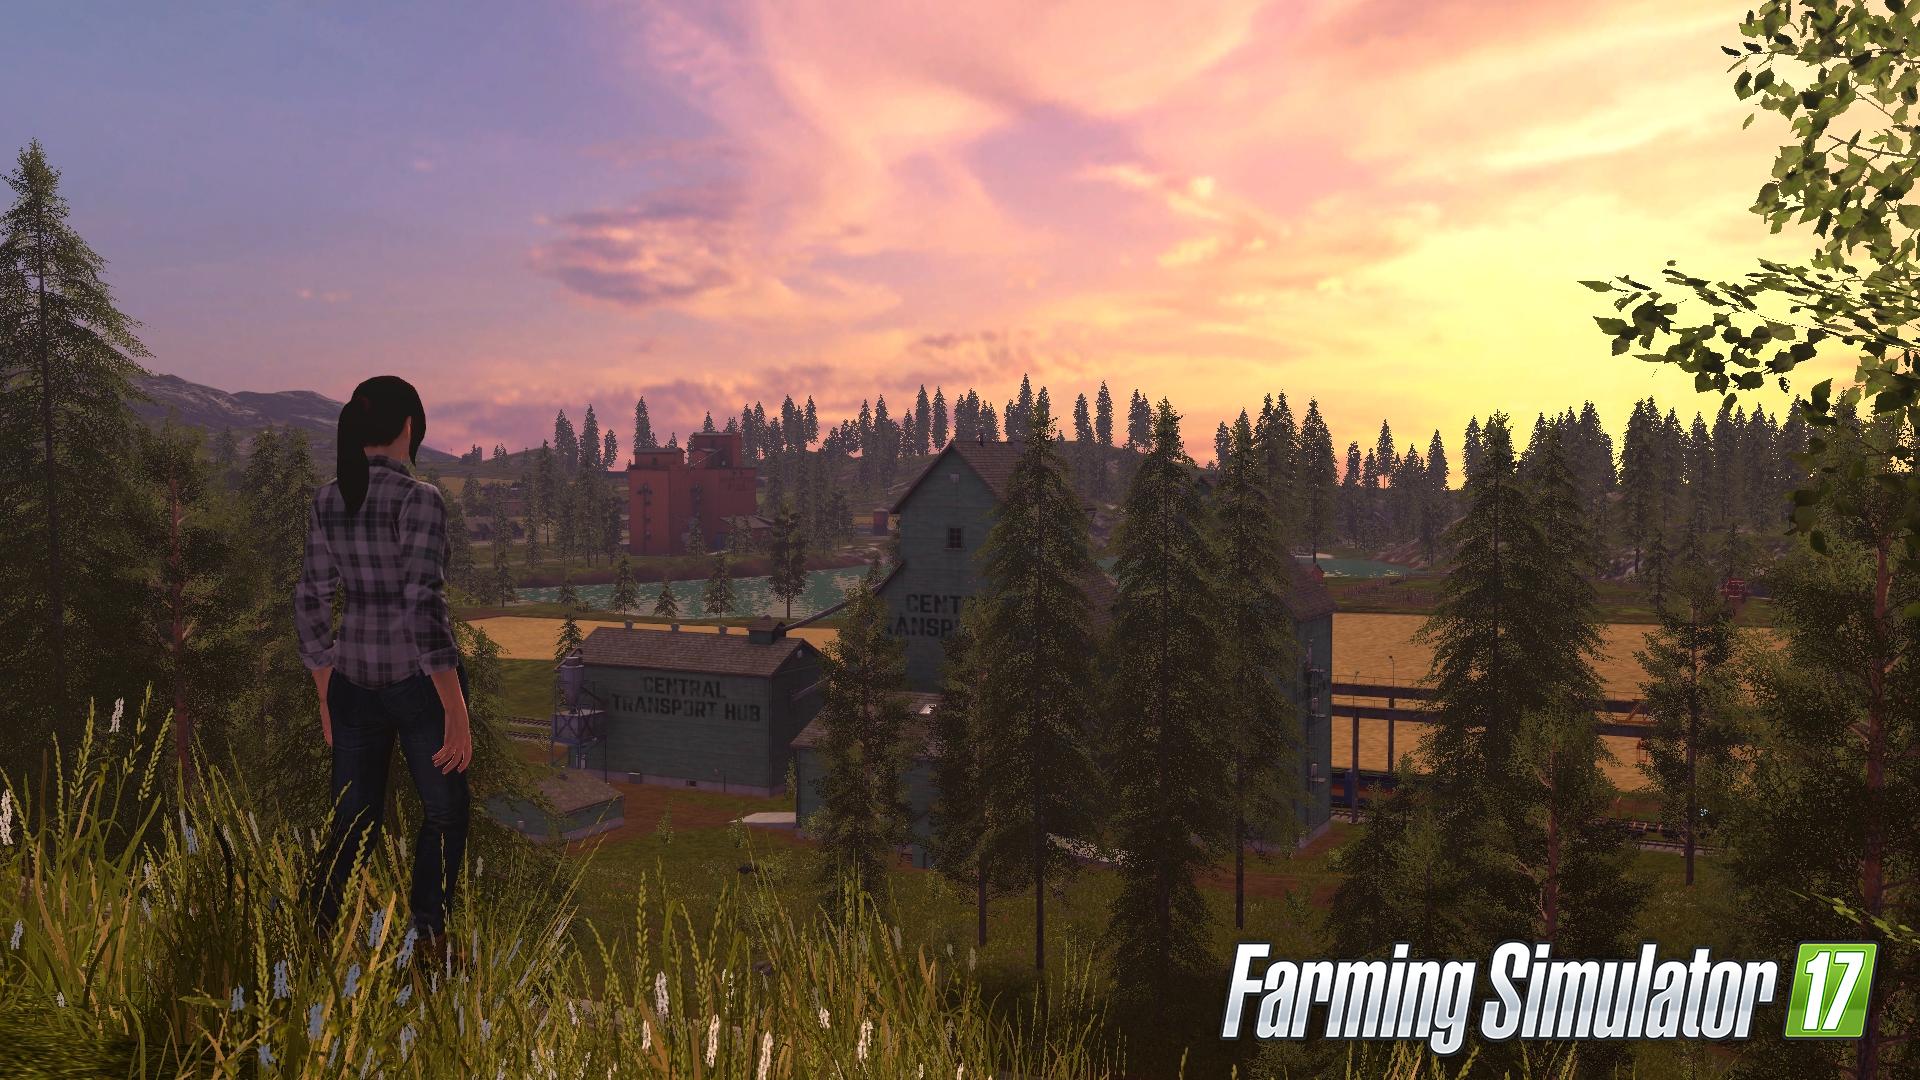 『ファーミングシミュレーター 17』ゲーム画面